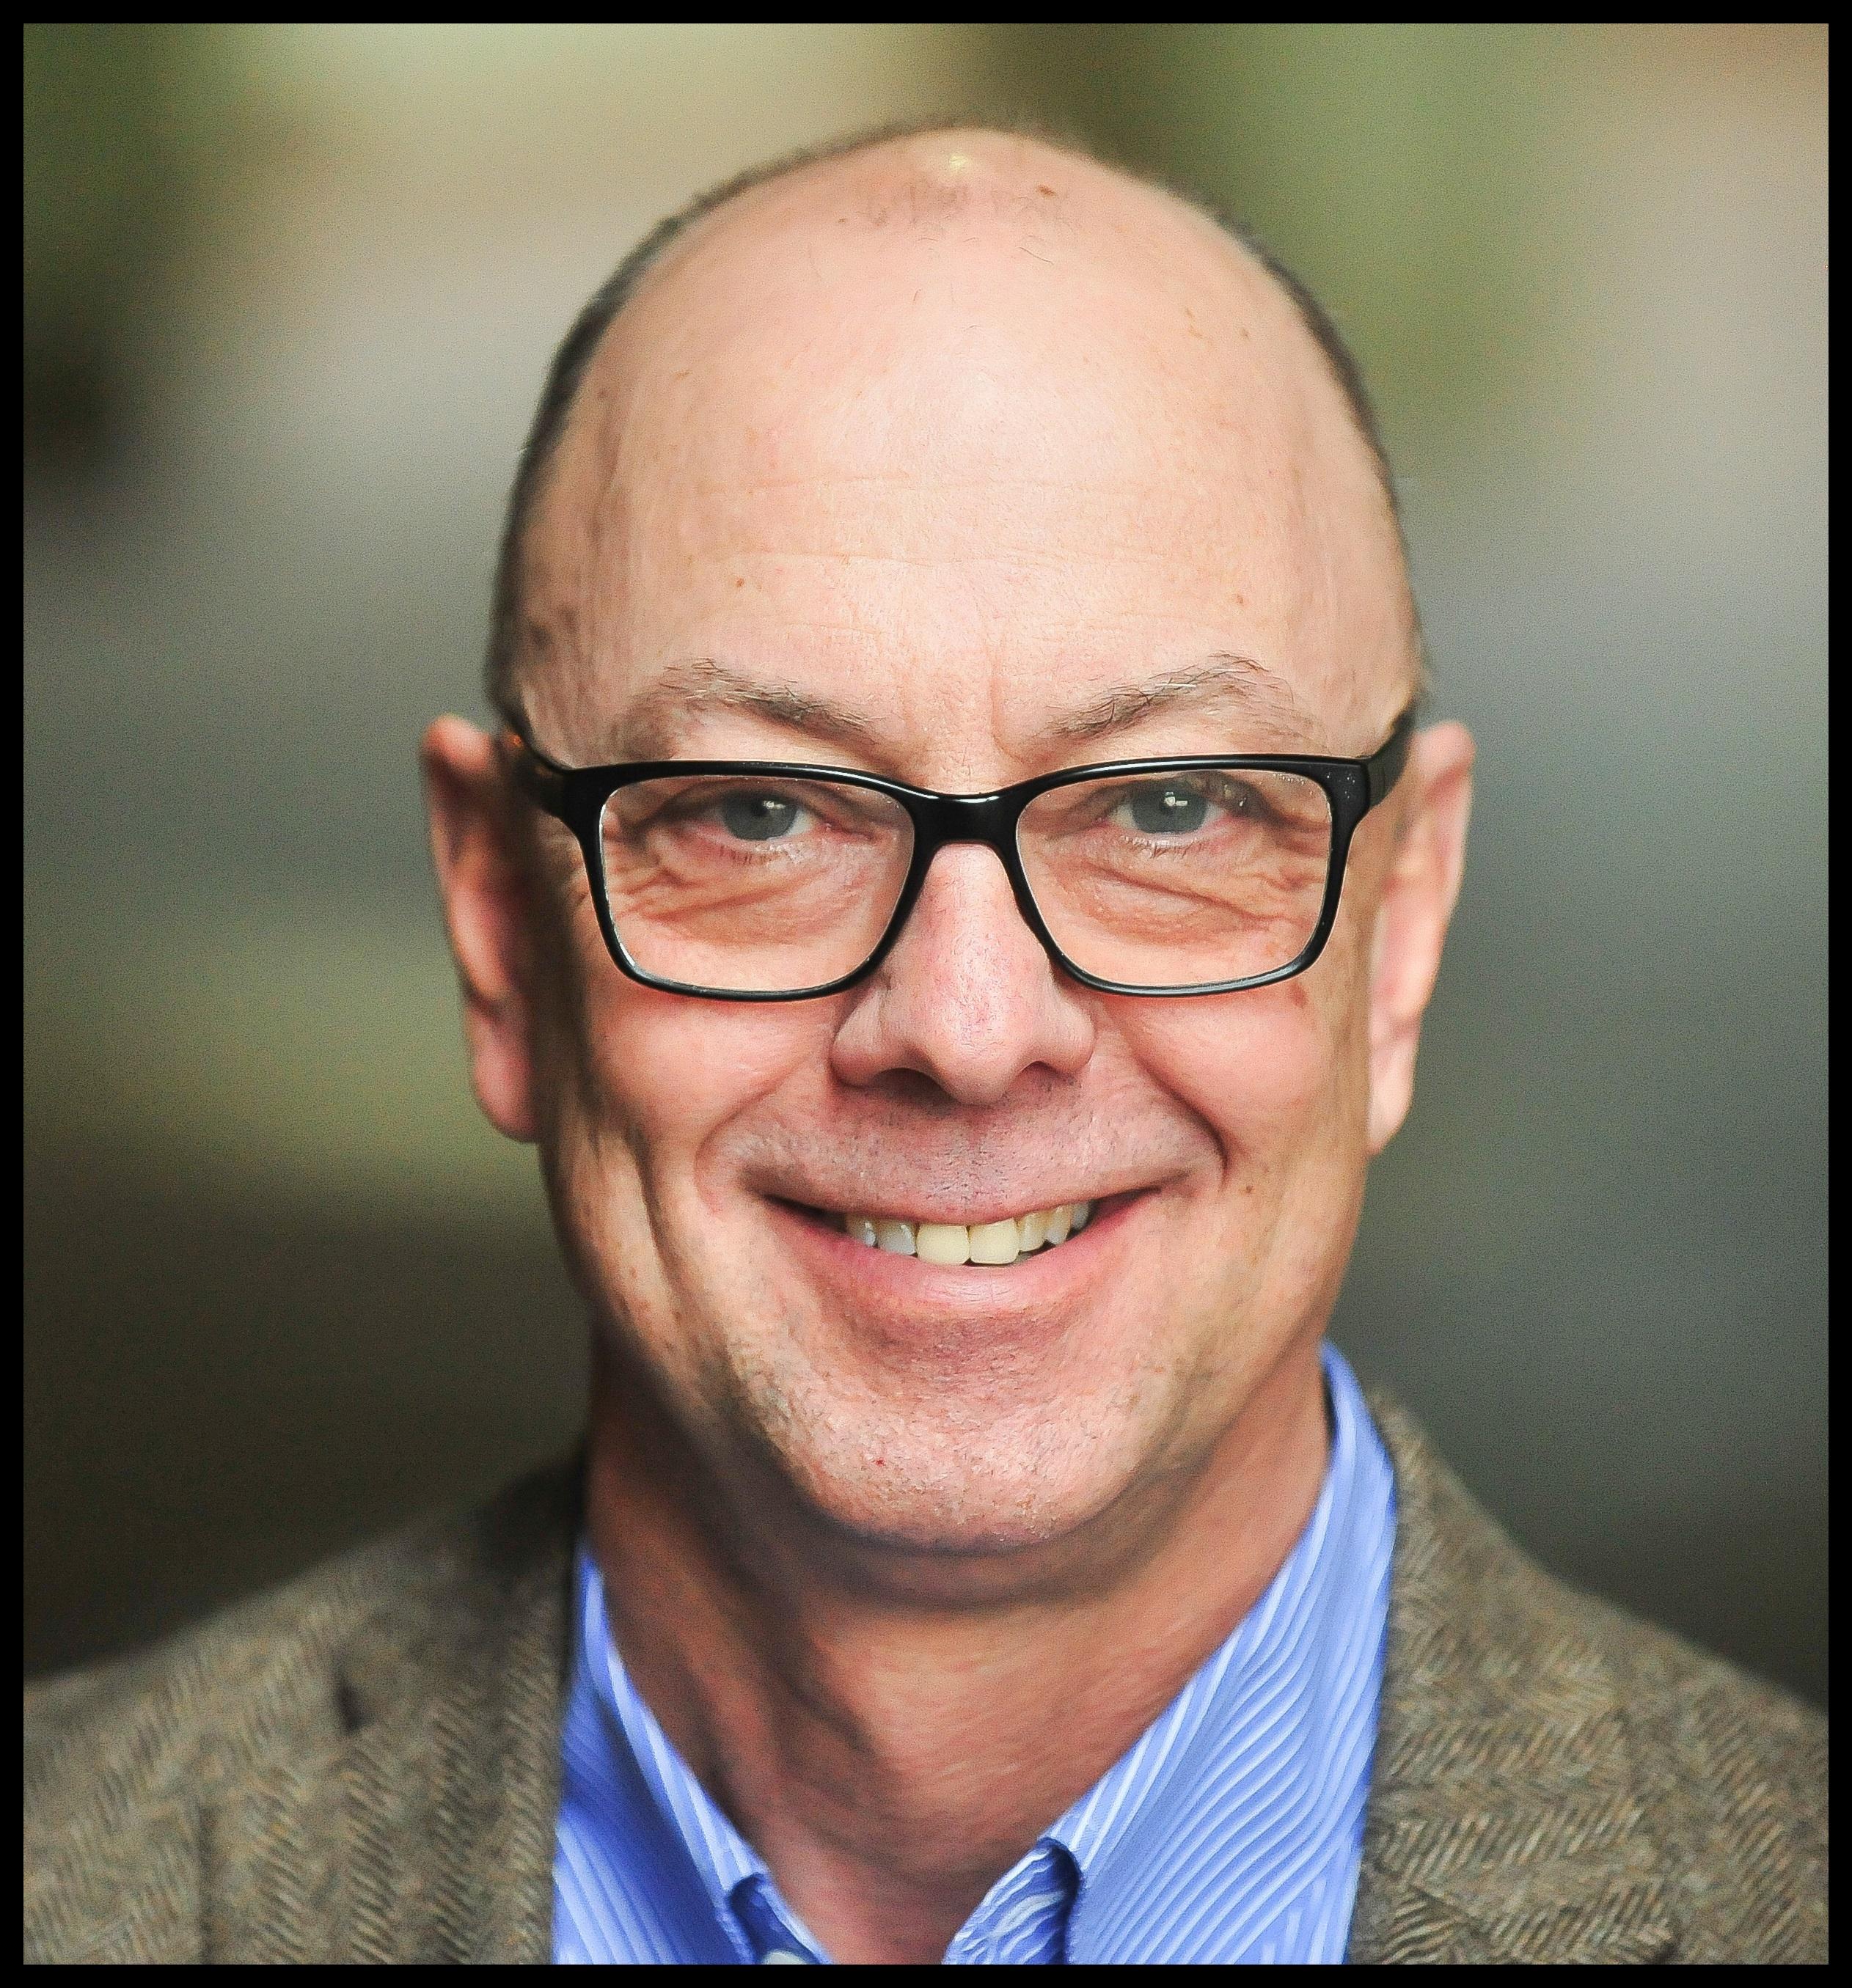 Mike Wedel